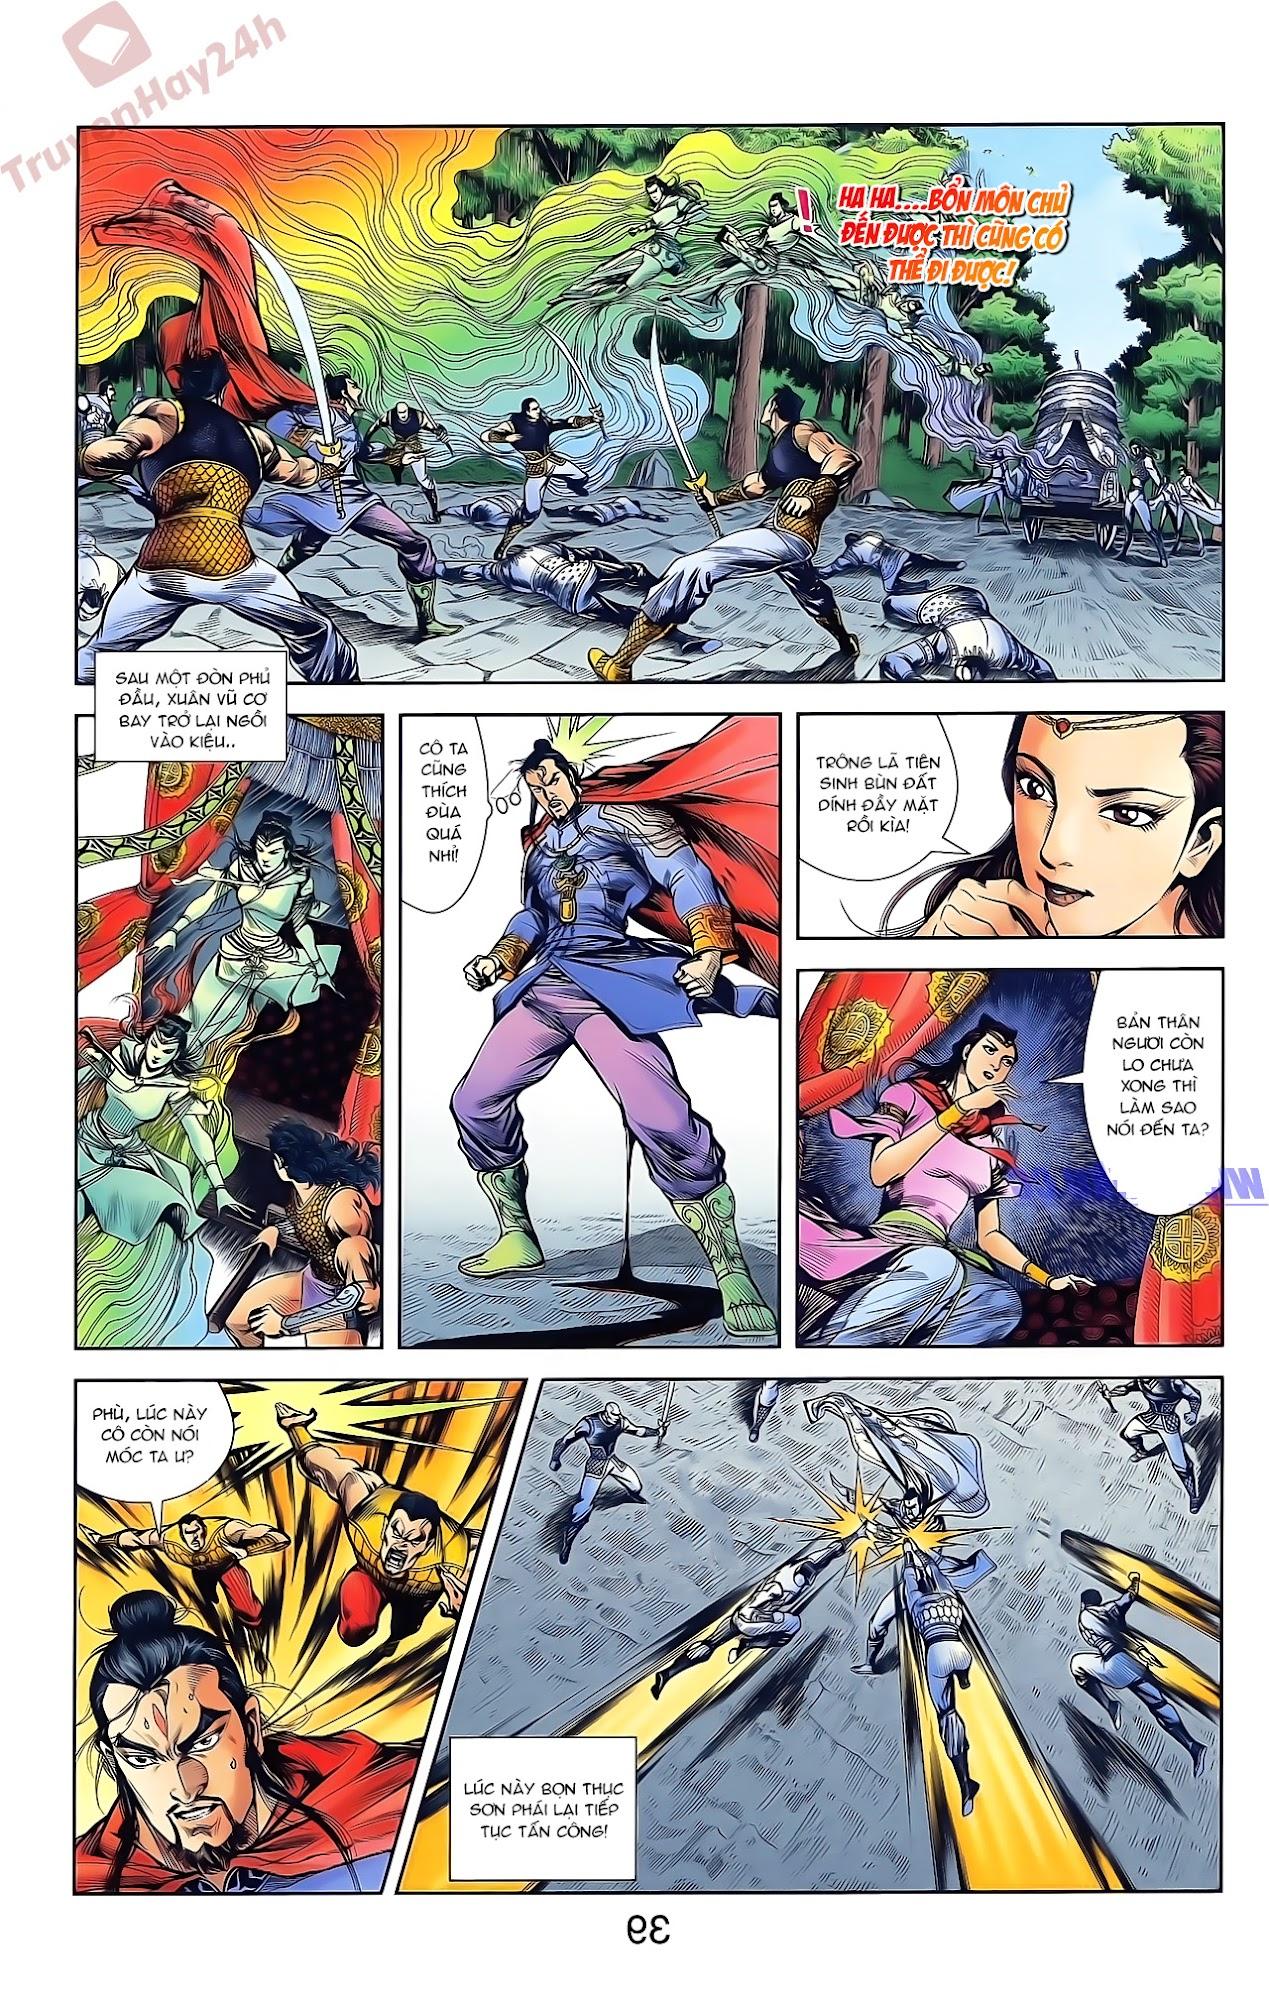 Tần Vương Doanh Chính chapter 46 trang 5